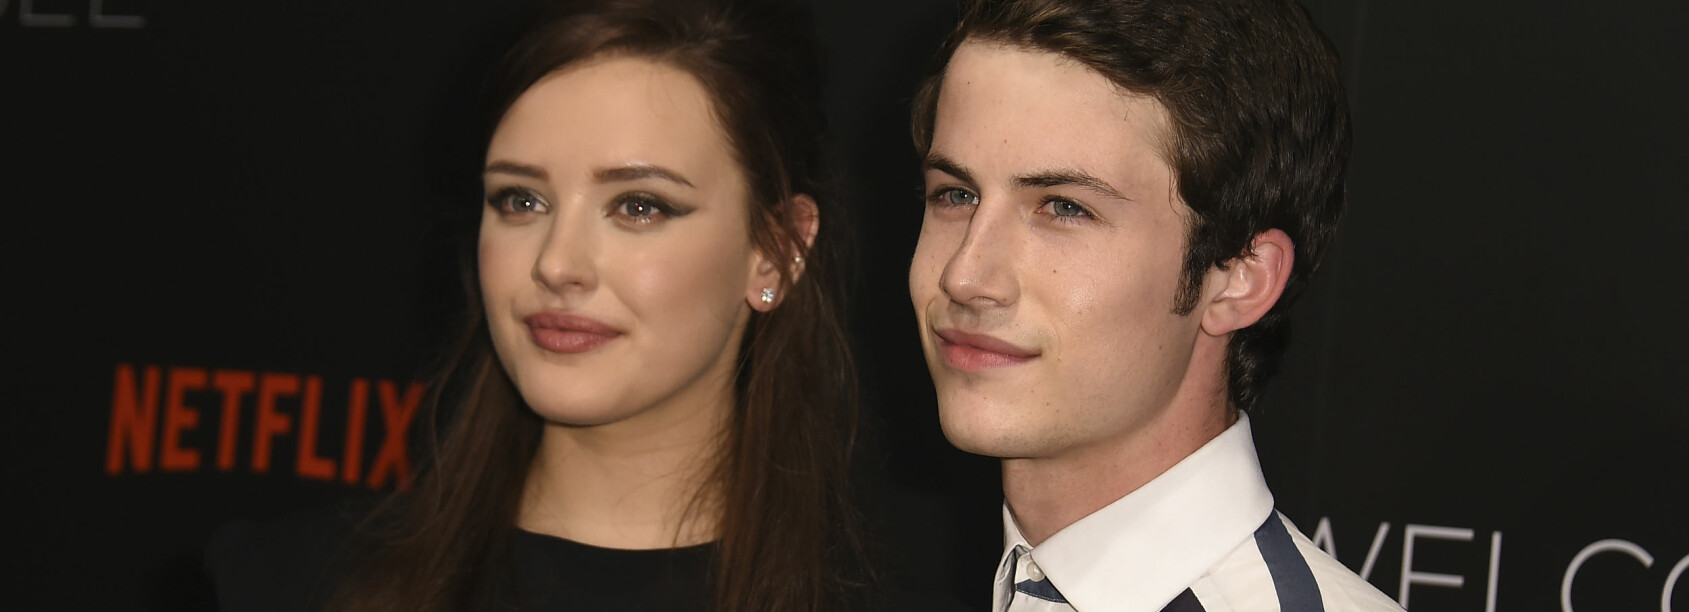 «13 REASONS WHY»: Hannah og Clay, spilt av Katherine Langford (t. v.) og Dylan Minette (t. h.) kommer til å ha svært få scener sammen i sesong to av Netflix-serien. Dét avslører Dylan selv i et nytt intervju. FOTO: Scanpix